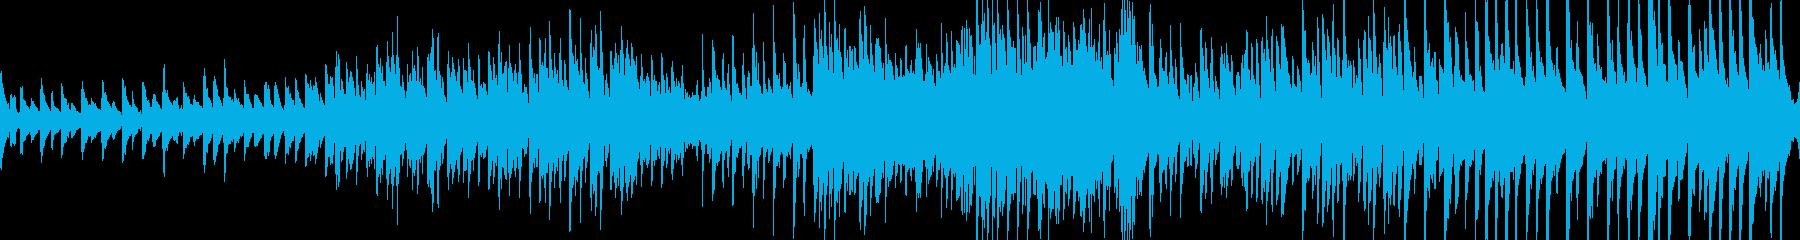 有名なカノンのピアノエレクトロニカ。の再生済みの波形